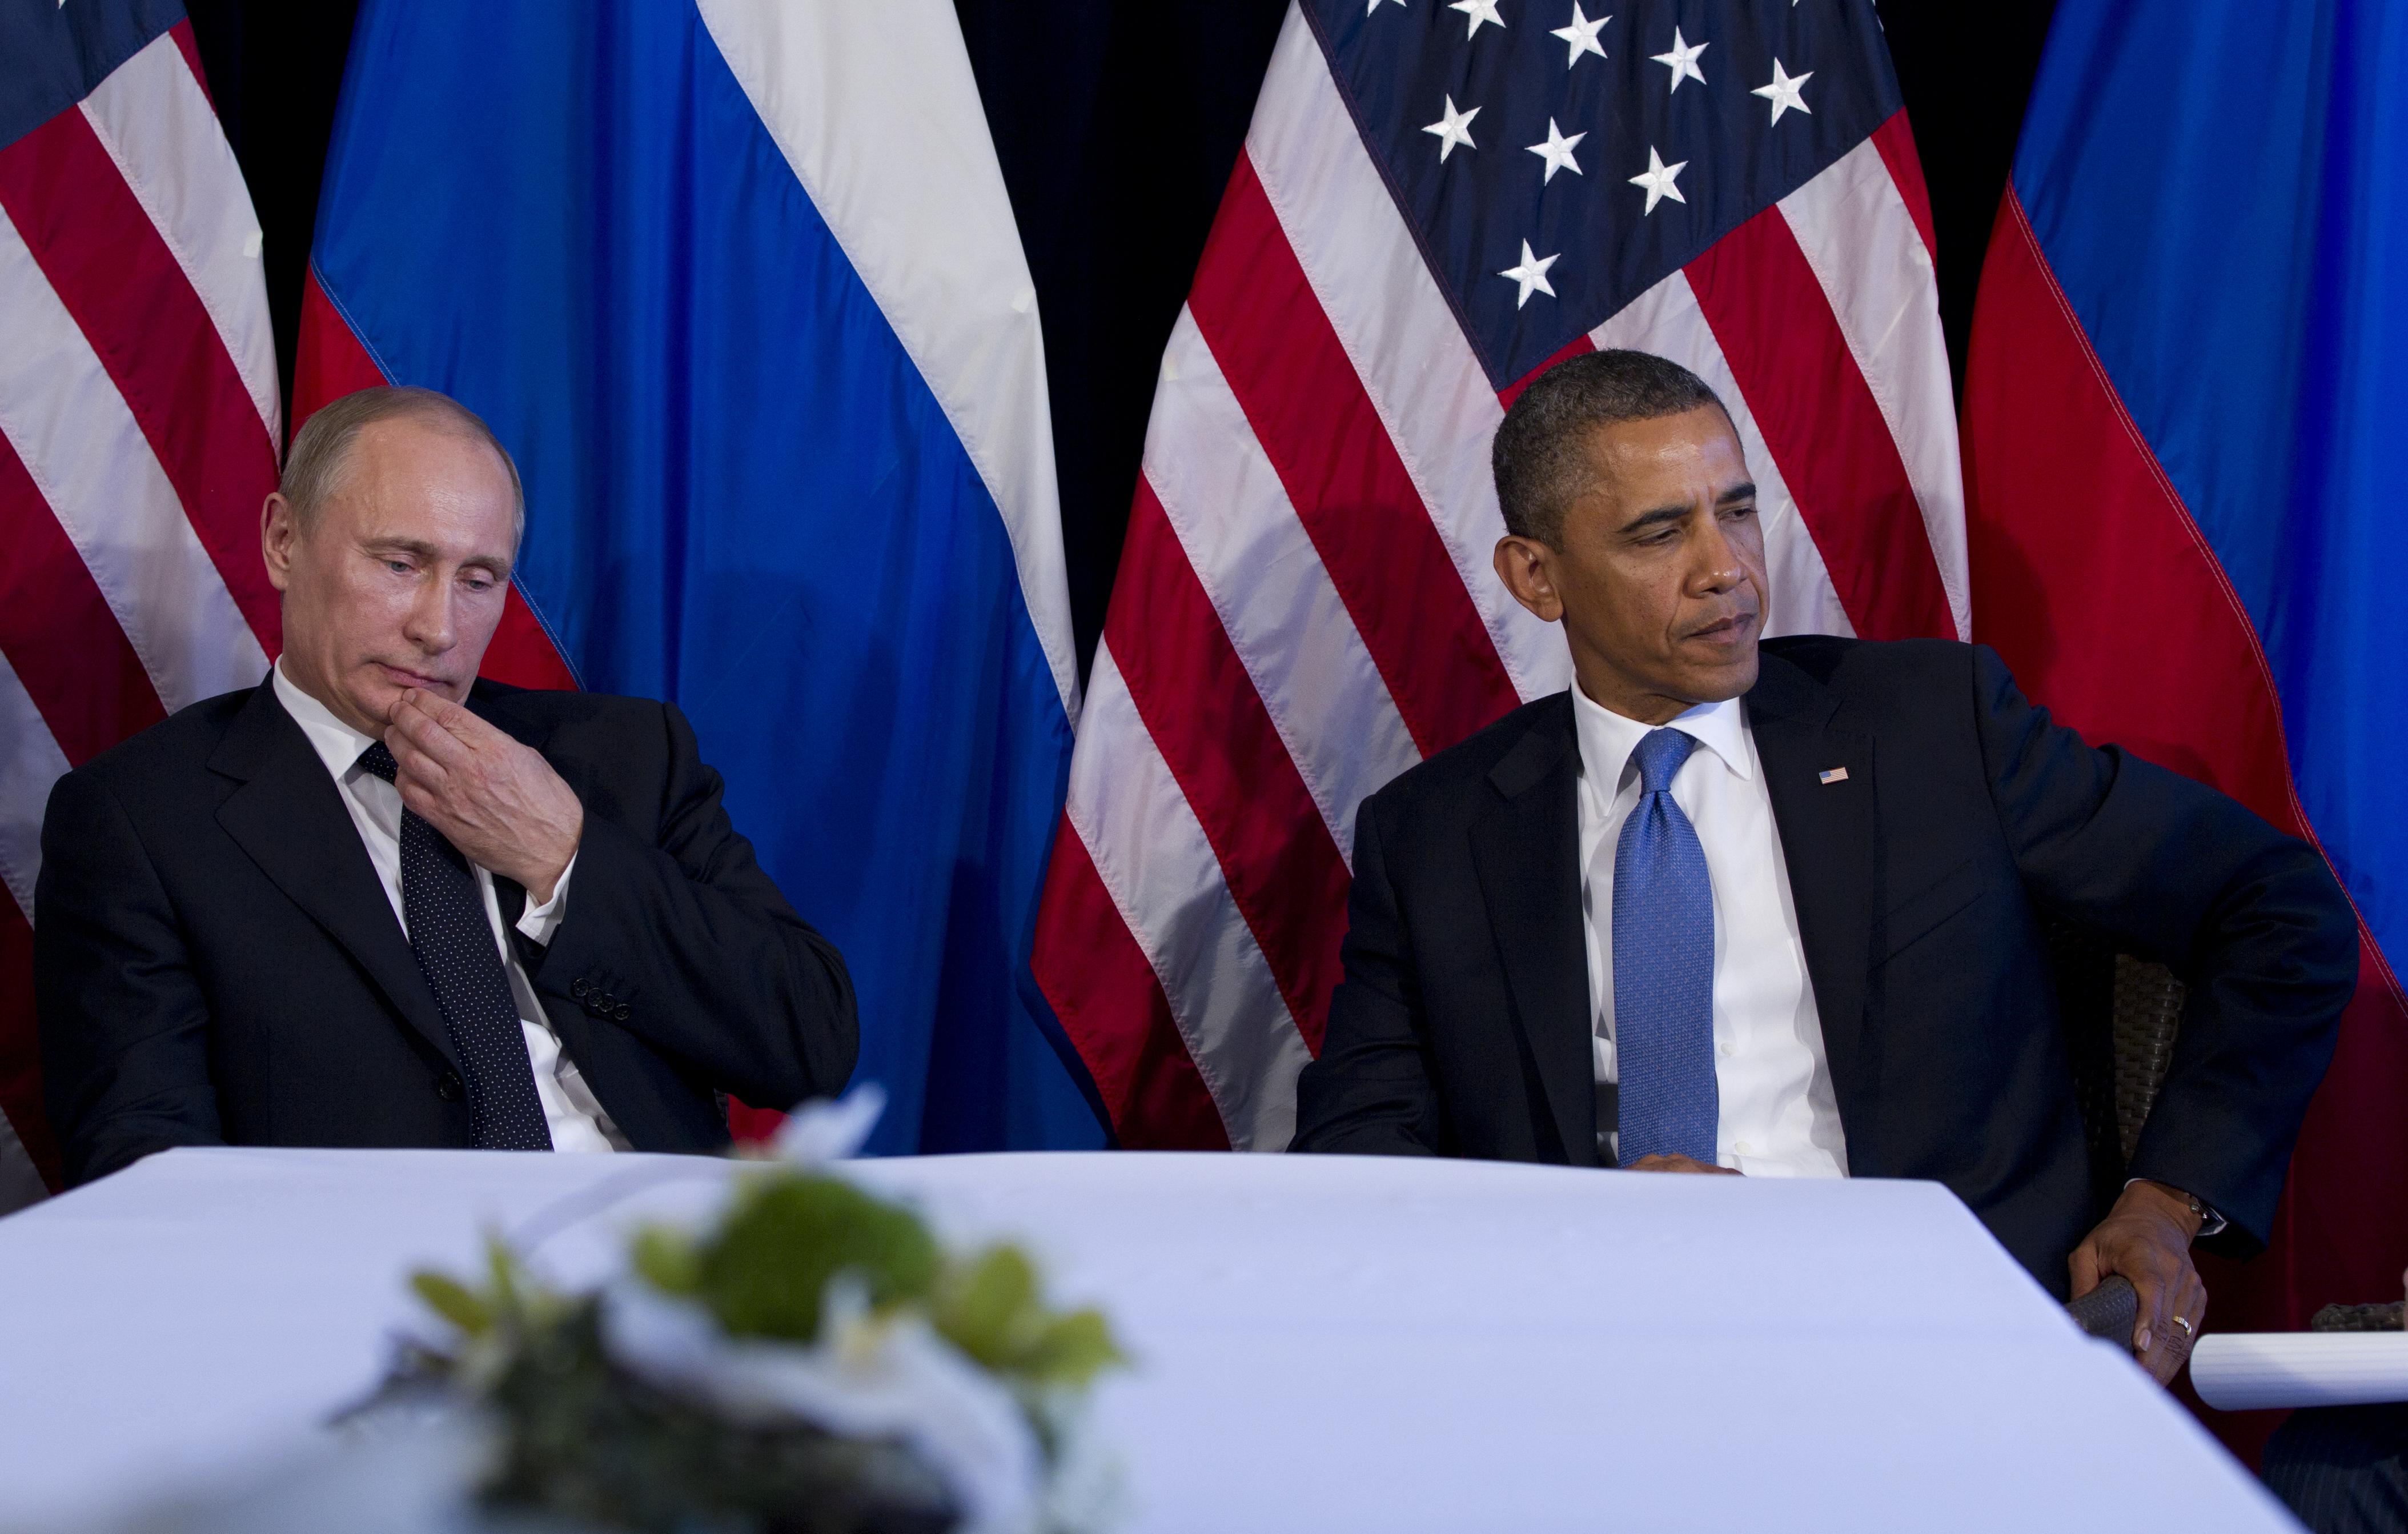 Putin y Obama durante la reunión en la cumbre del G20 en Los Cabos. Fuente: AP.